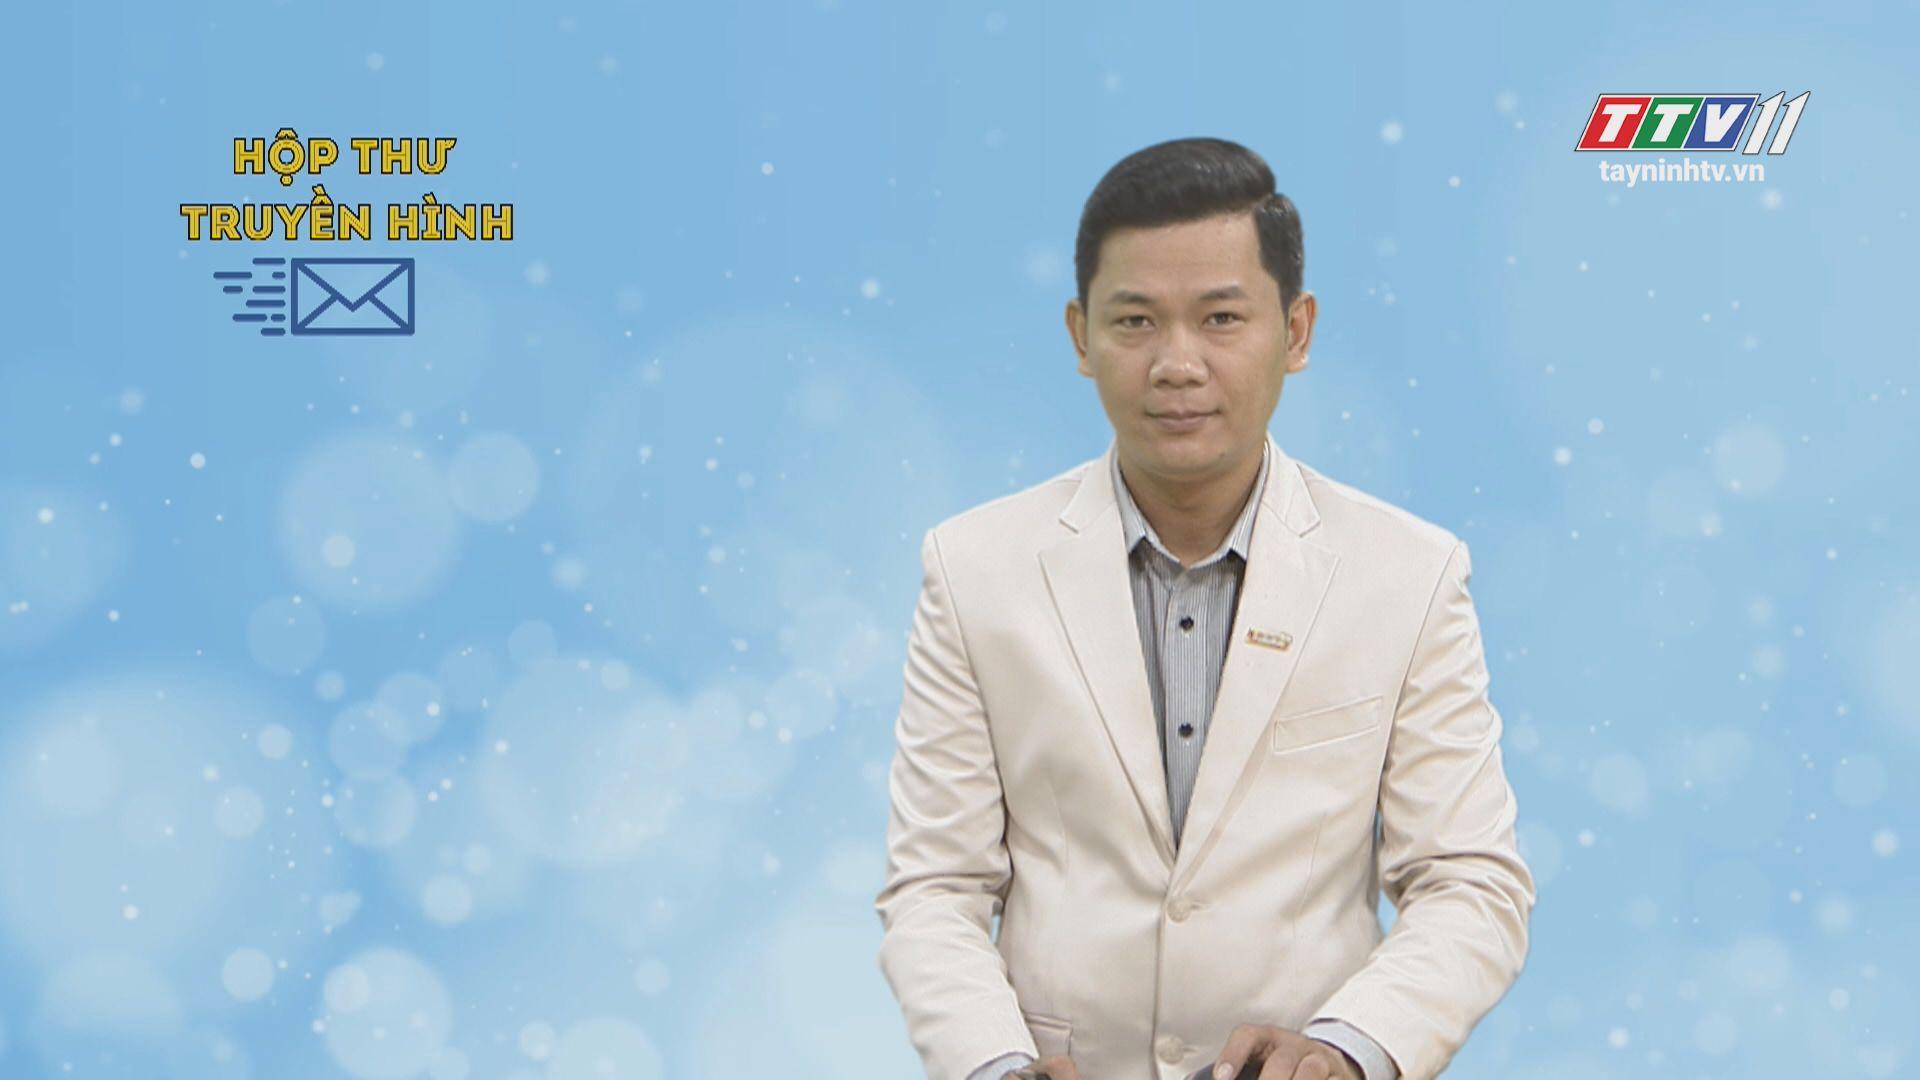 Hộp thư truyền hình 20-12-2019 | Tin tức hôm nay | TayNinhTV